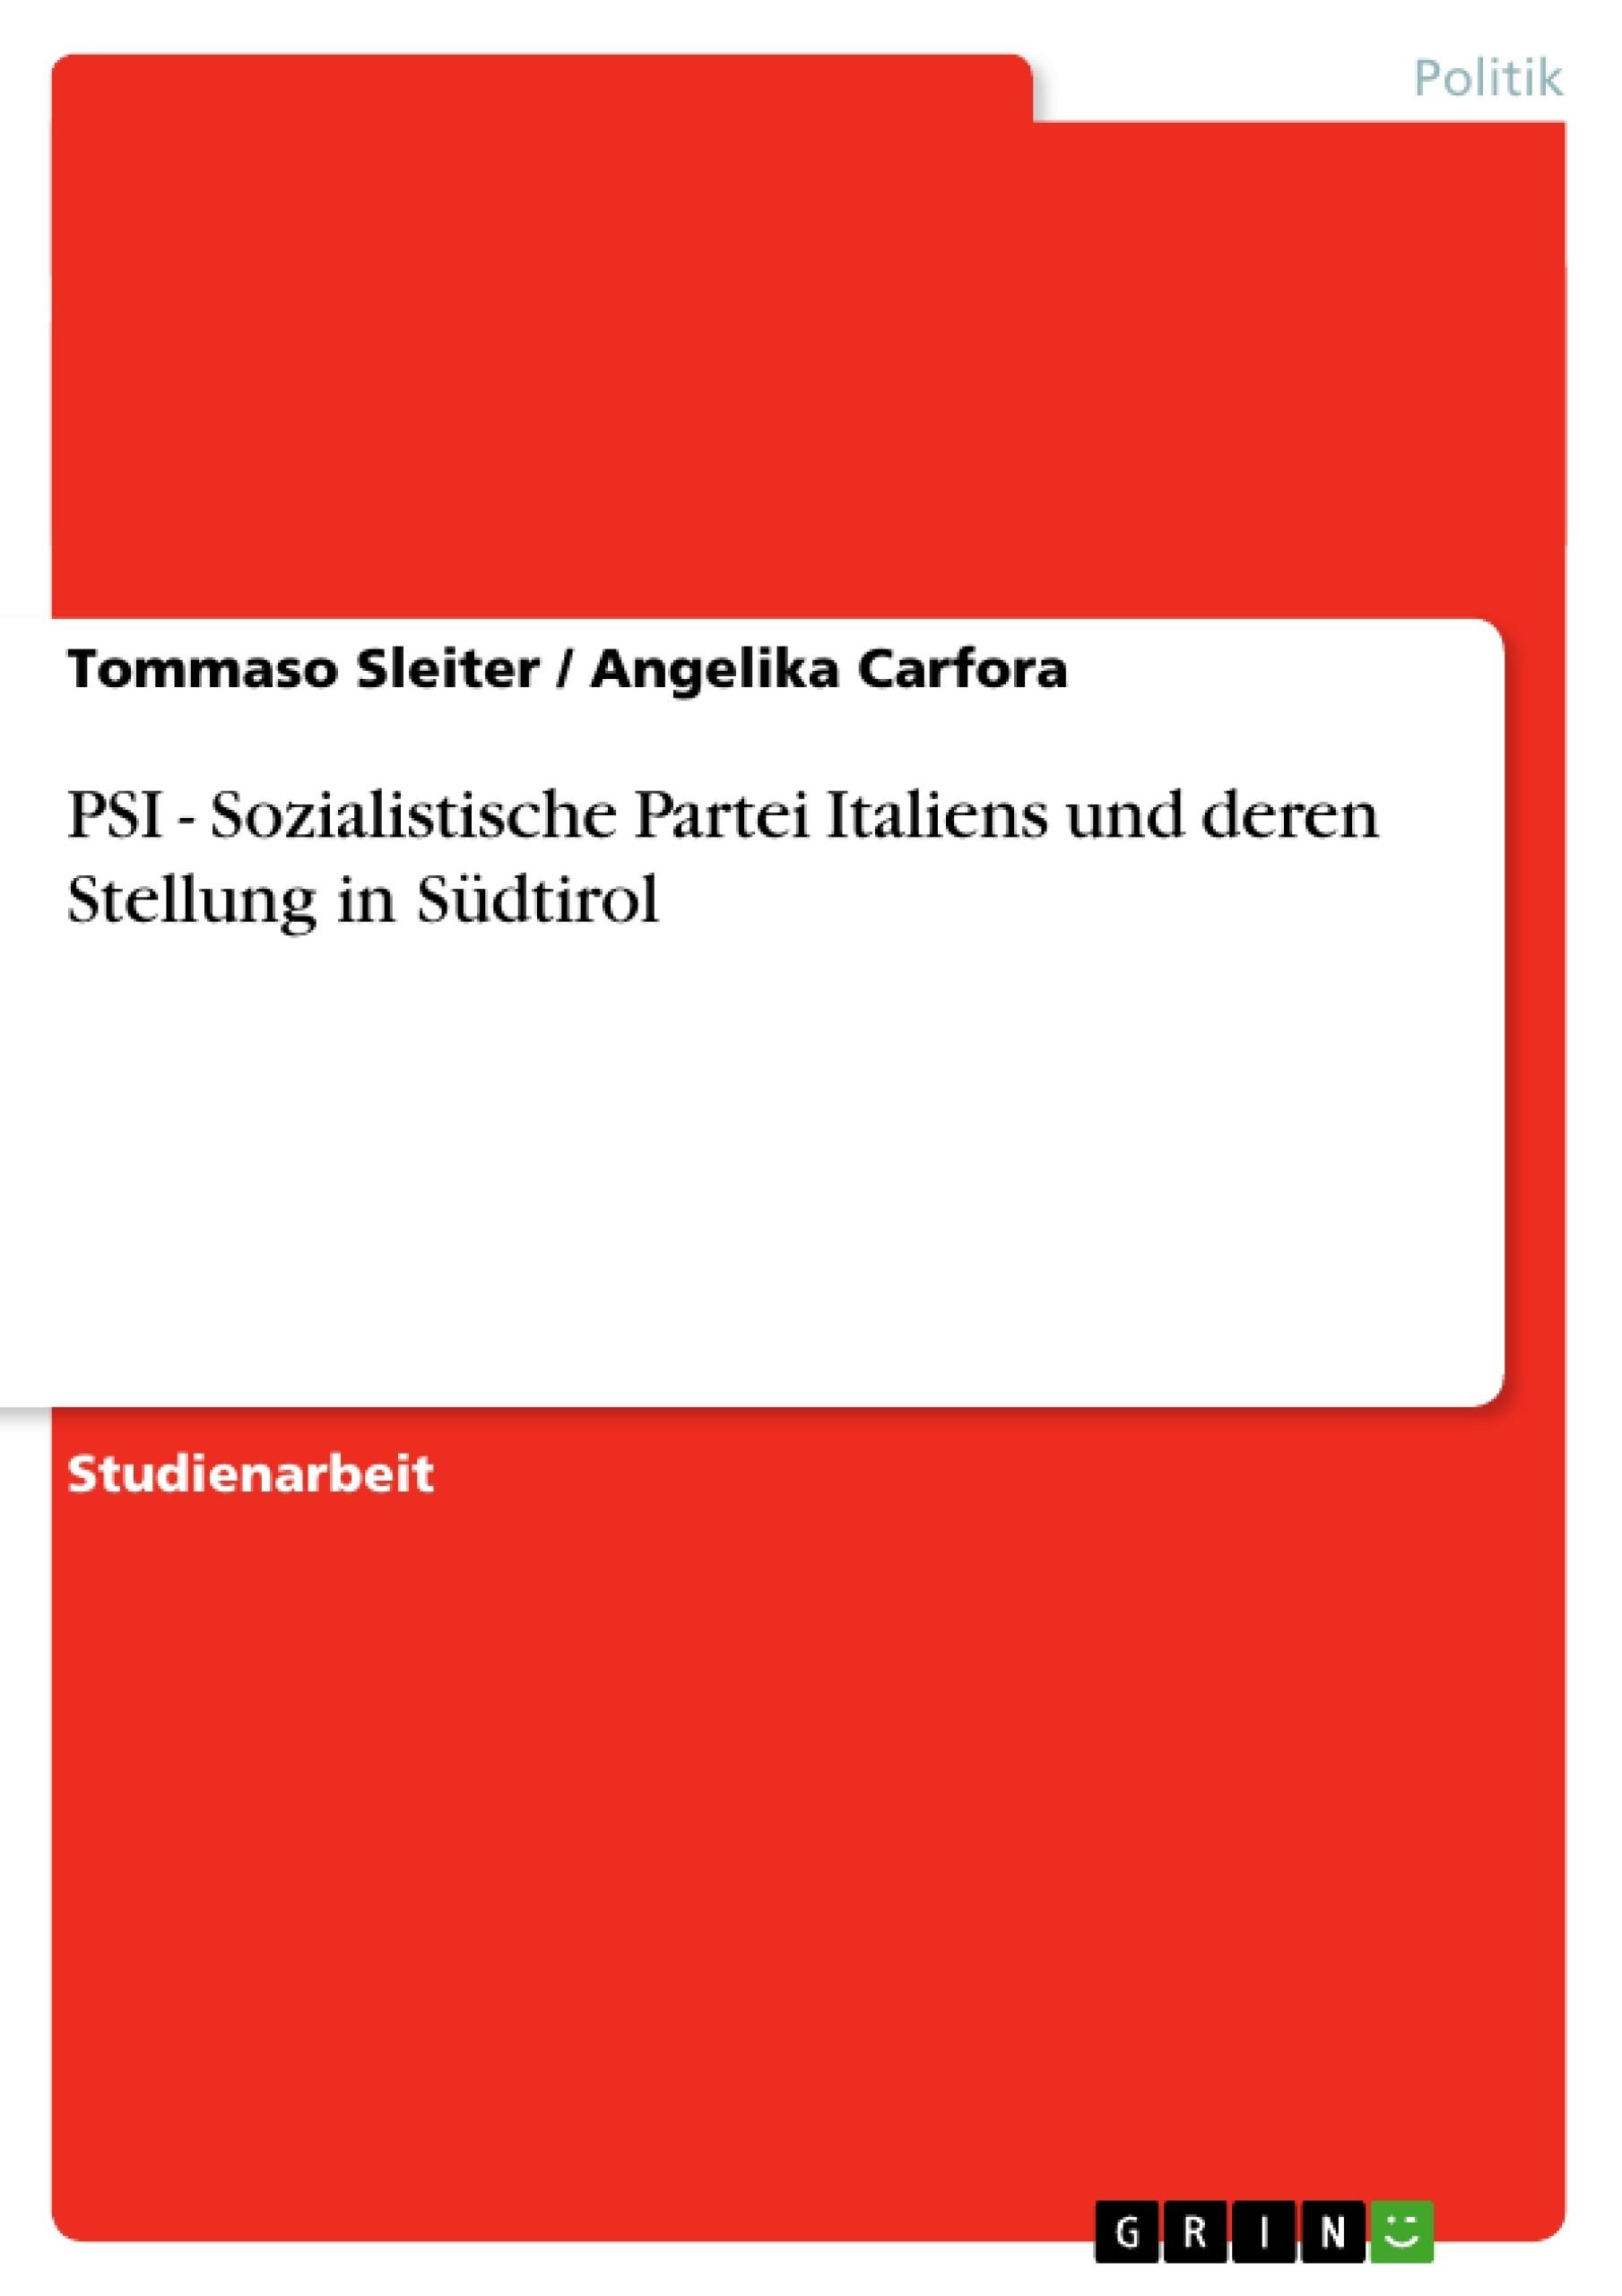 Titel: PSI - Sozialistische Partei Italiens und deren Stellung in Südtirol